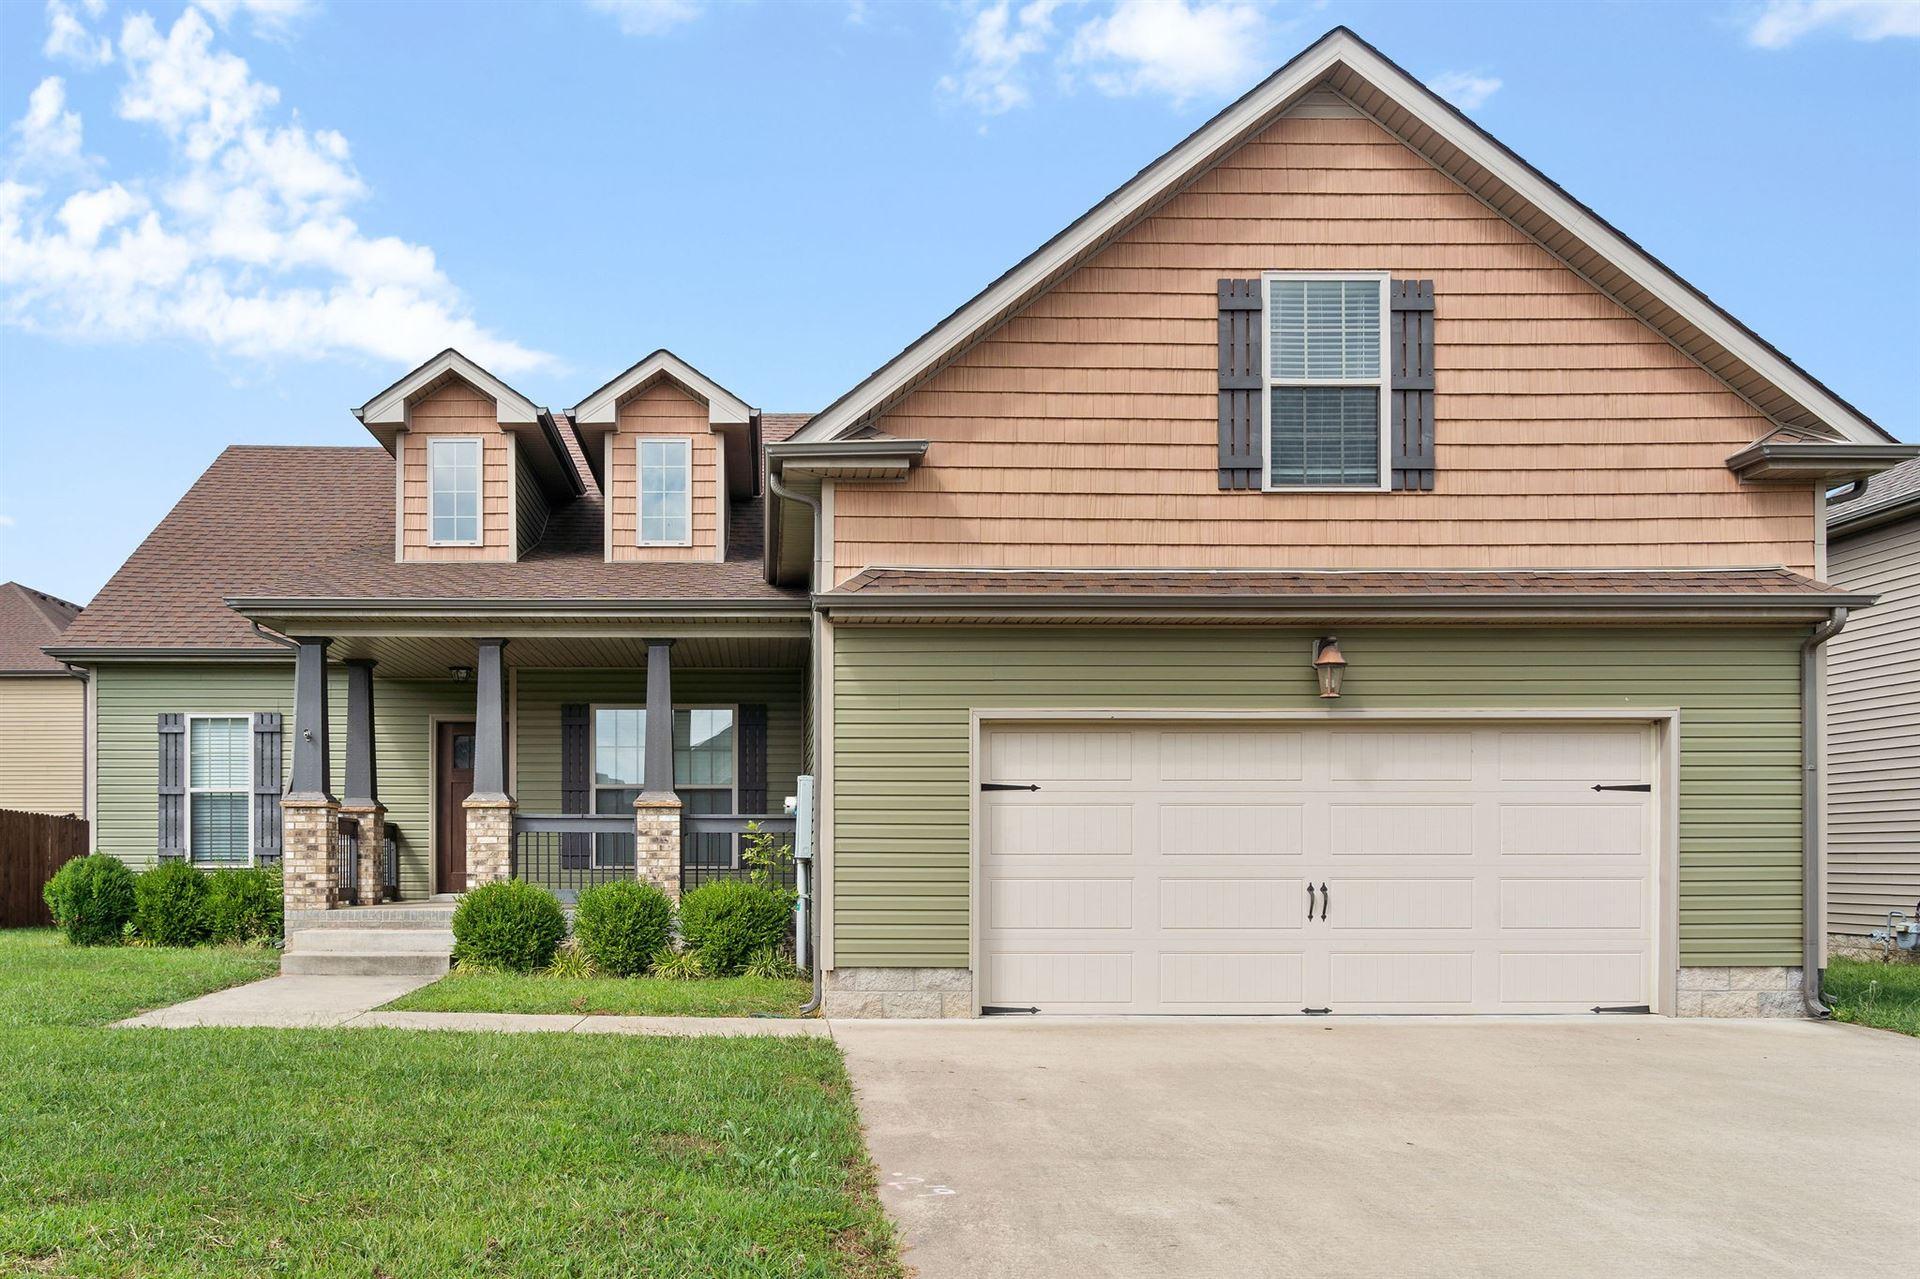 1504 Eads Ct, Clarksville, TN 37043 - MLS#: 2291864